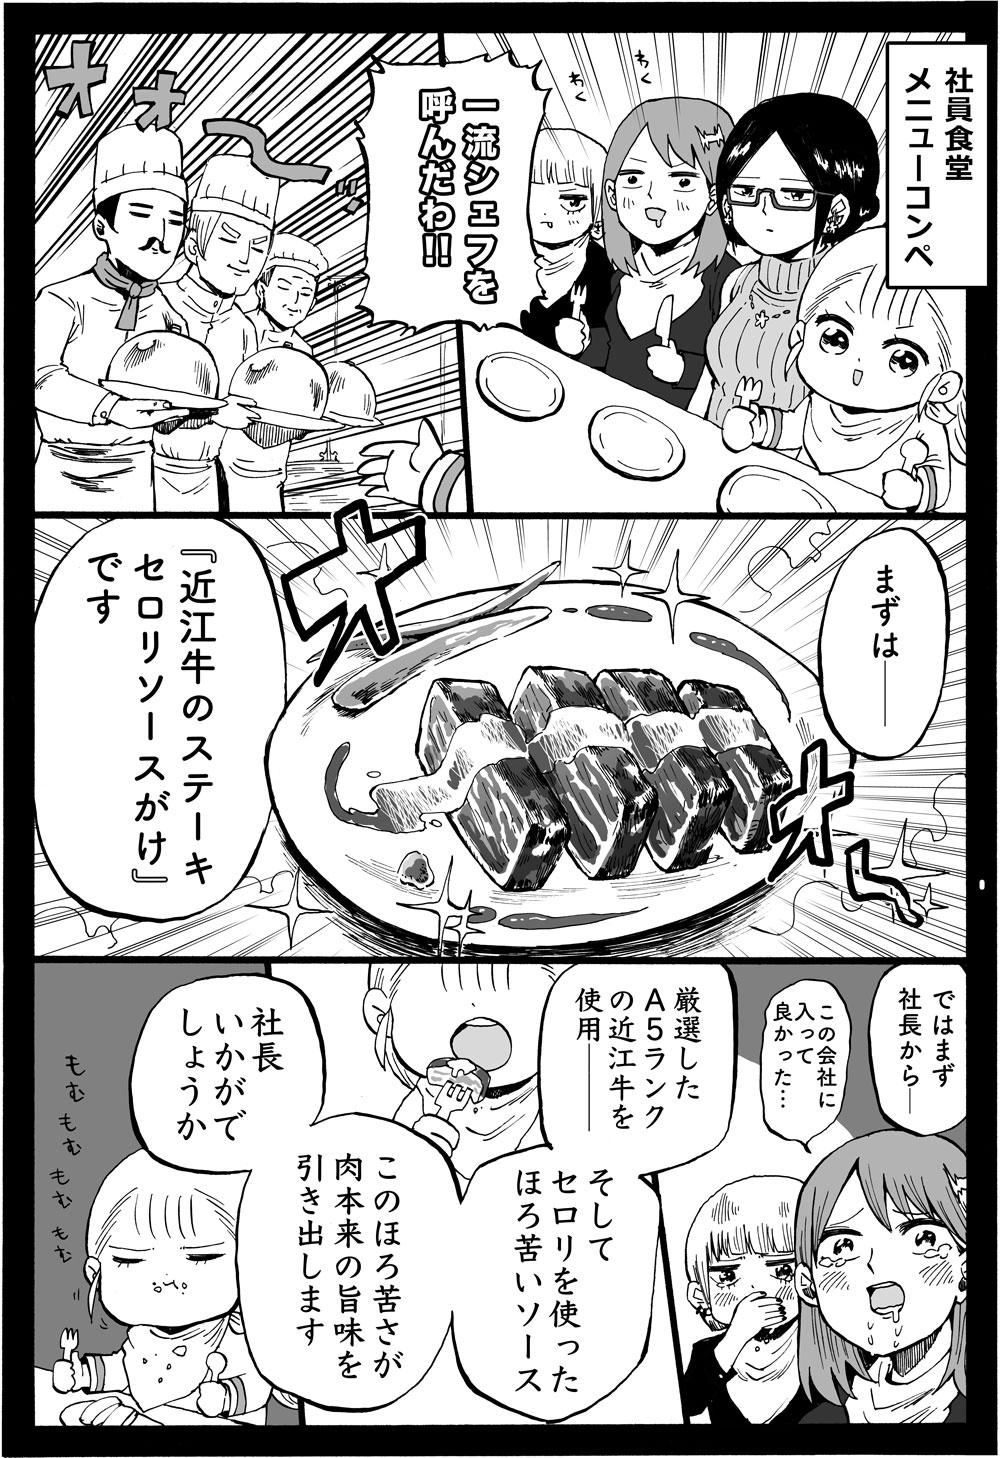 幼女社長(しゃいんしょくどう)